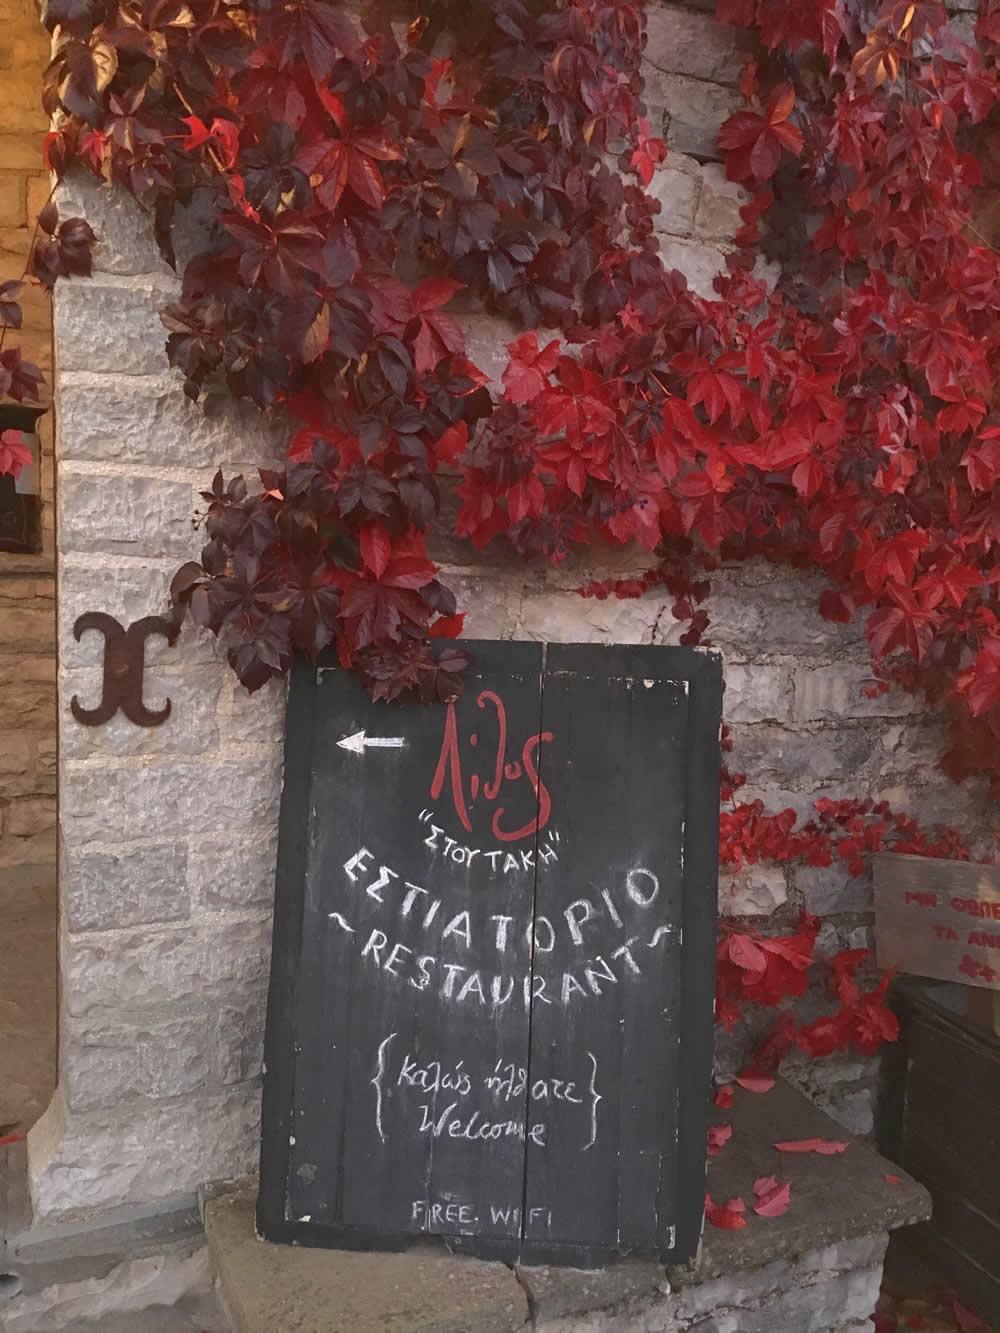 Στο Εστιατόριο Λίθος στού Τάκη βάλαμε χρωματιστά αυτές τις μέρες...